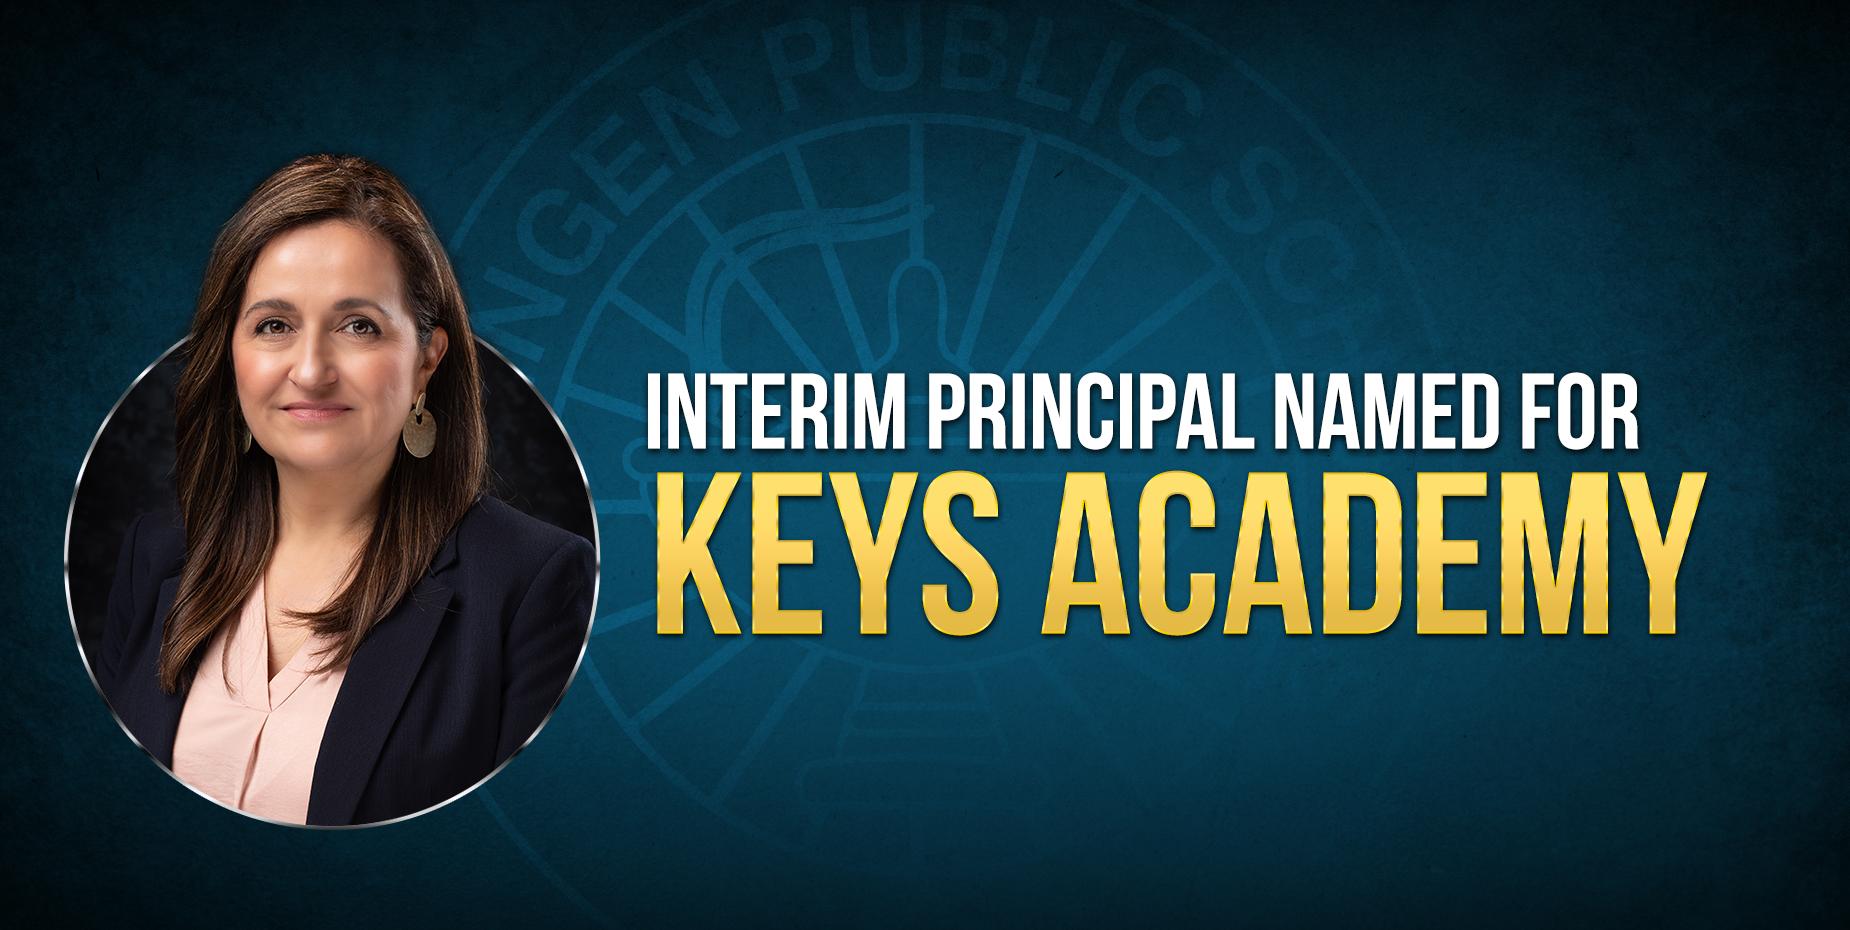 Ha sido nombrada la directora interina para la Academia KEYS.